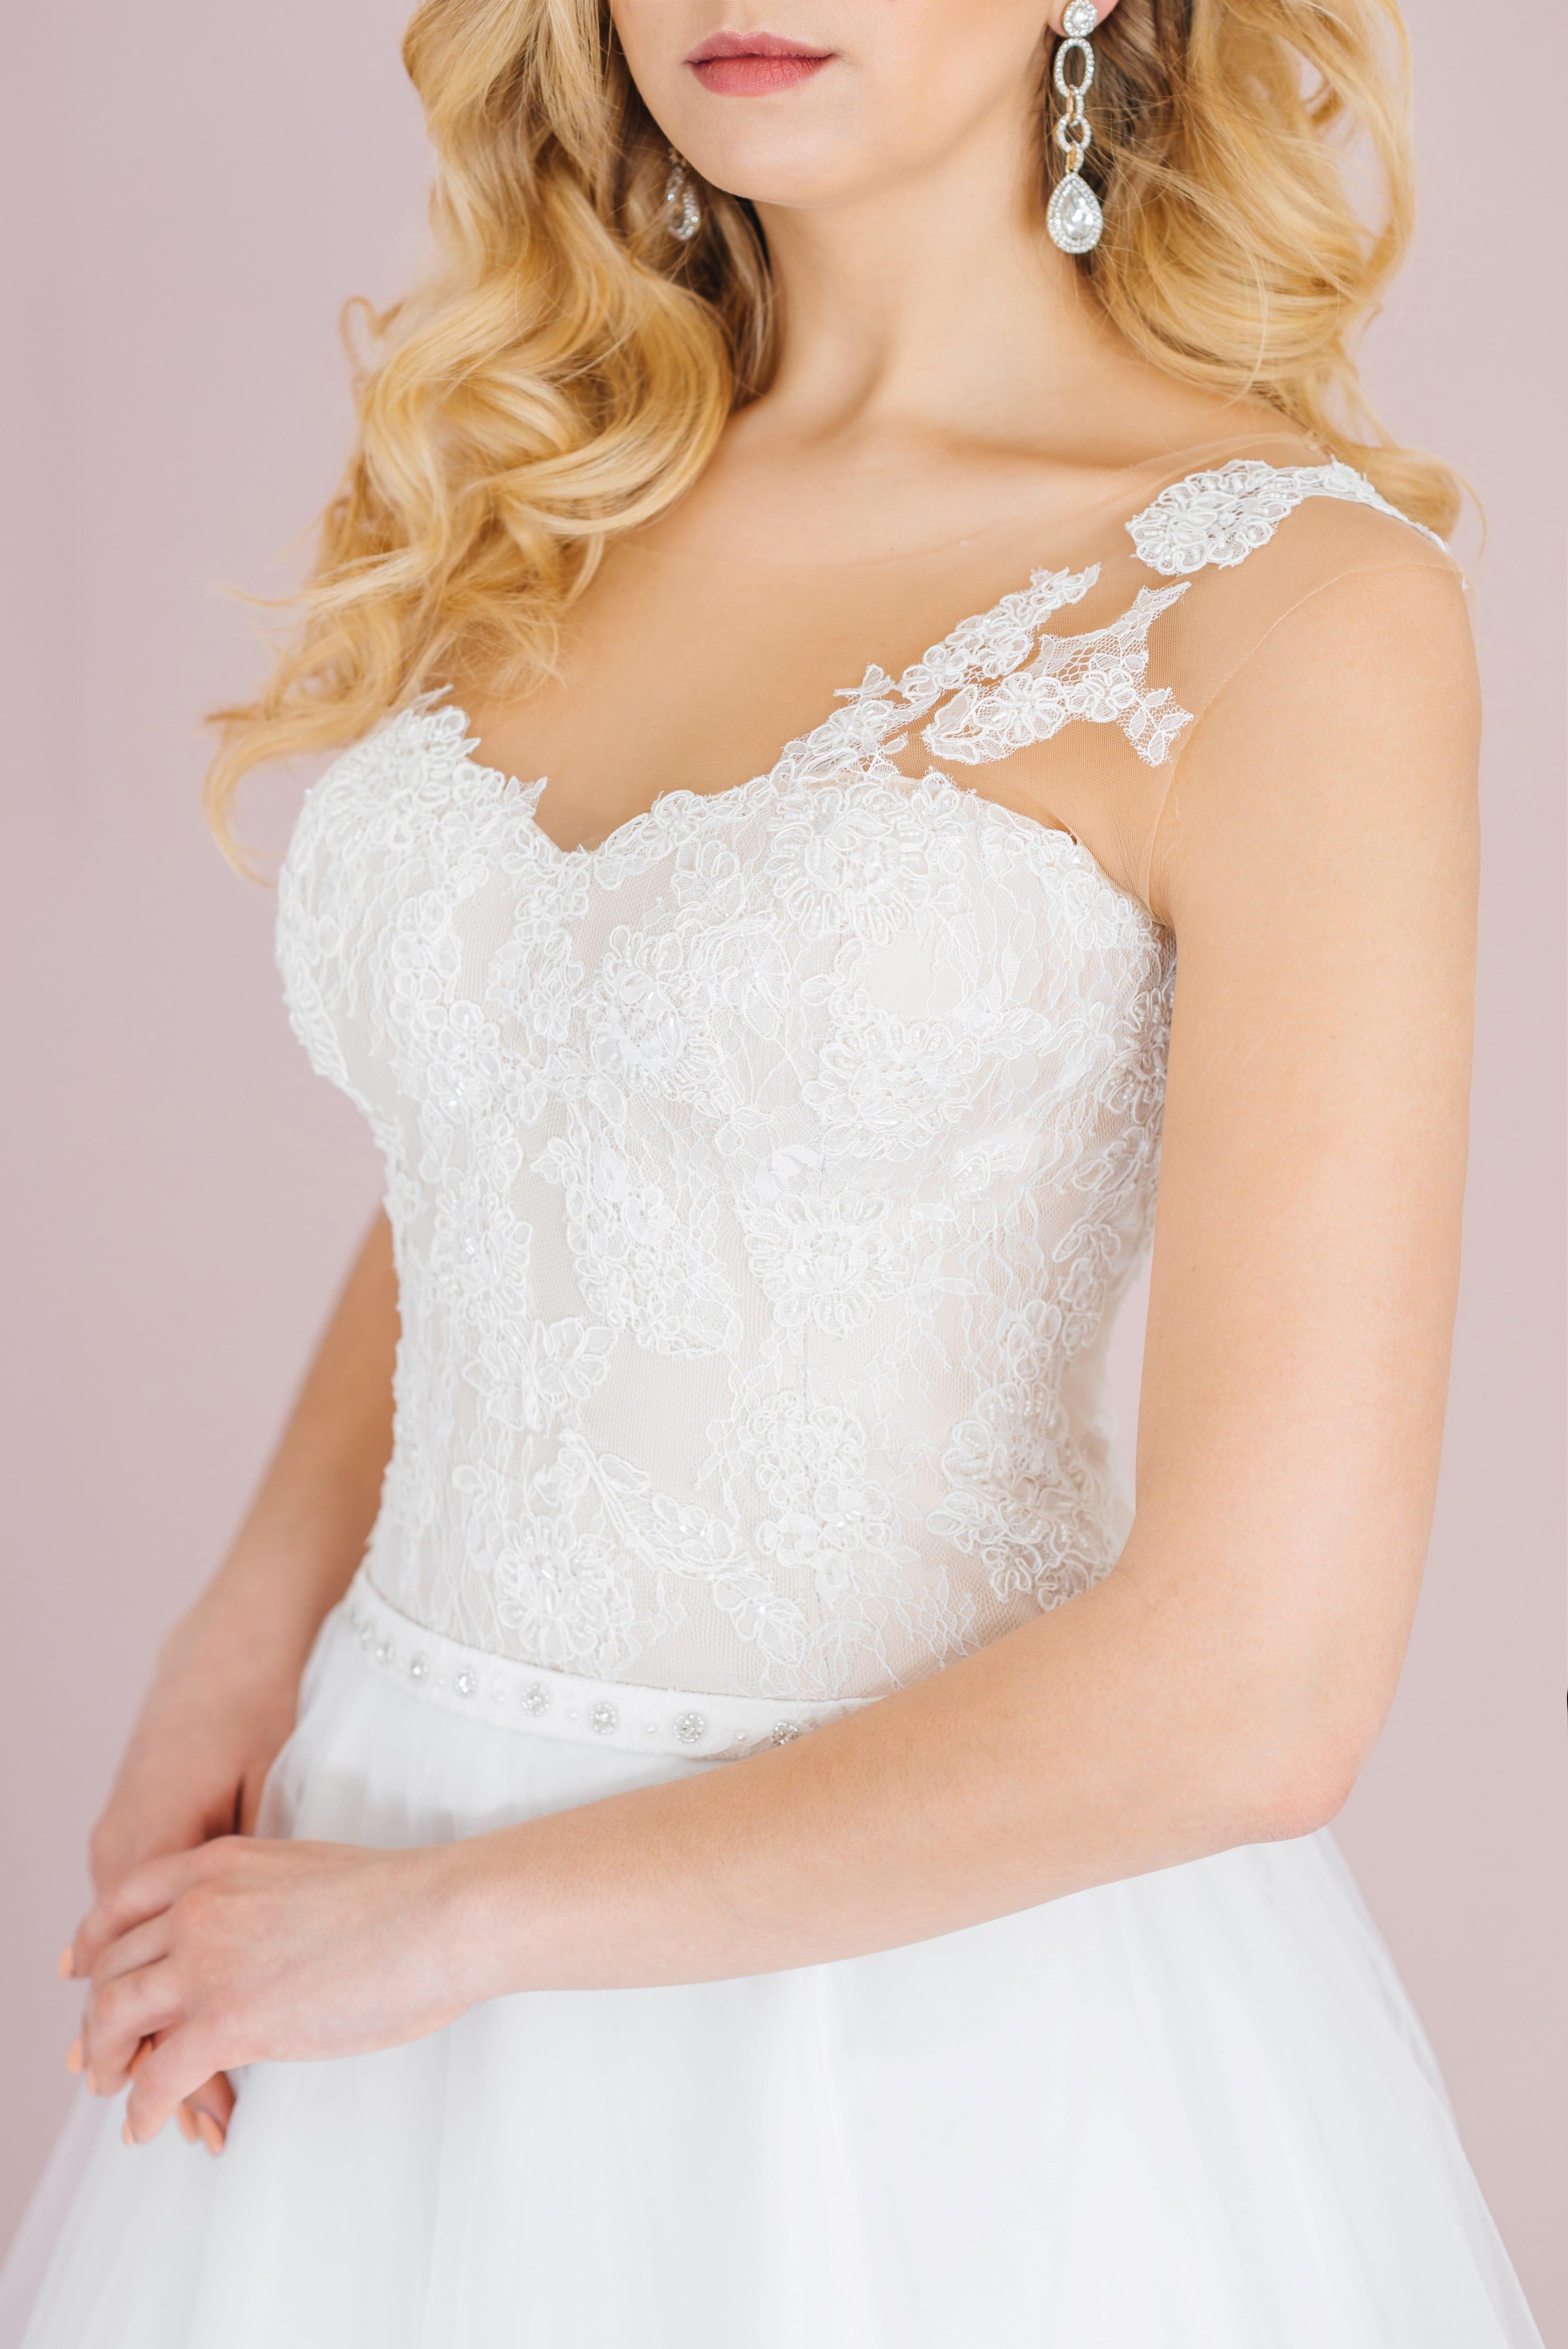 Свадебное платье FLORA, коллекция LOFT, бренд RARE BRIDAL, фото 6